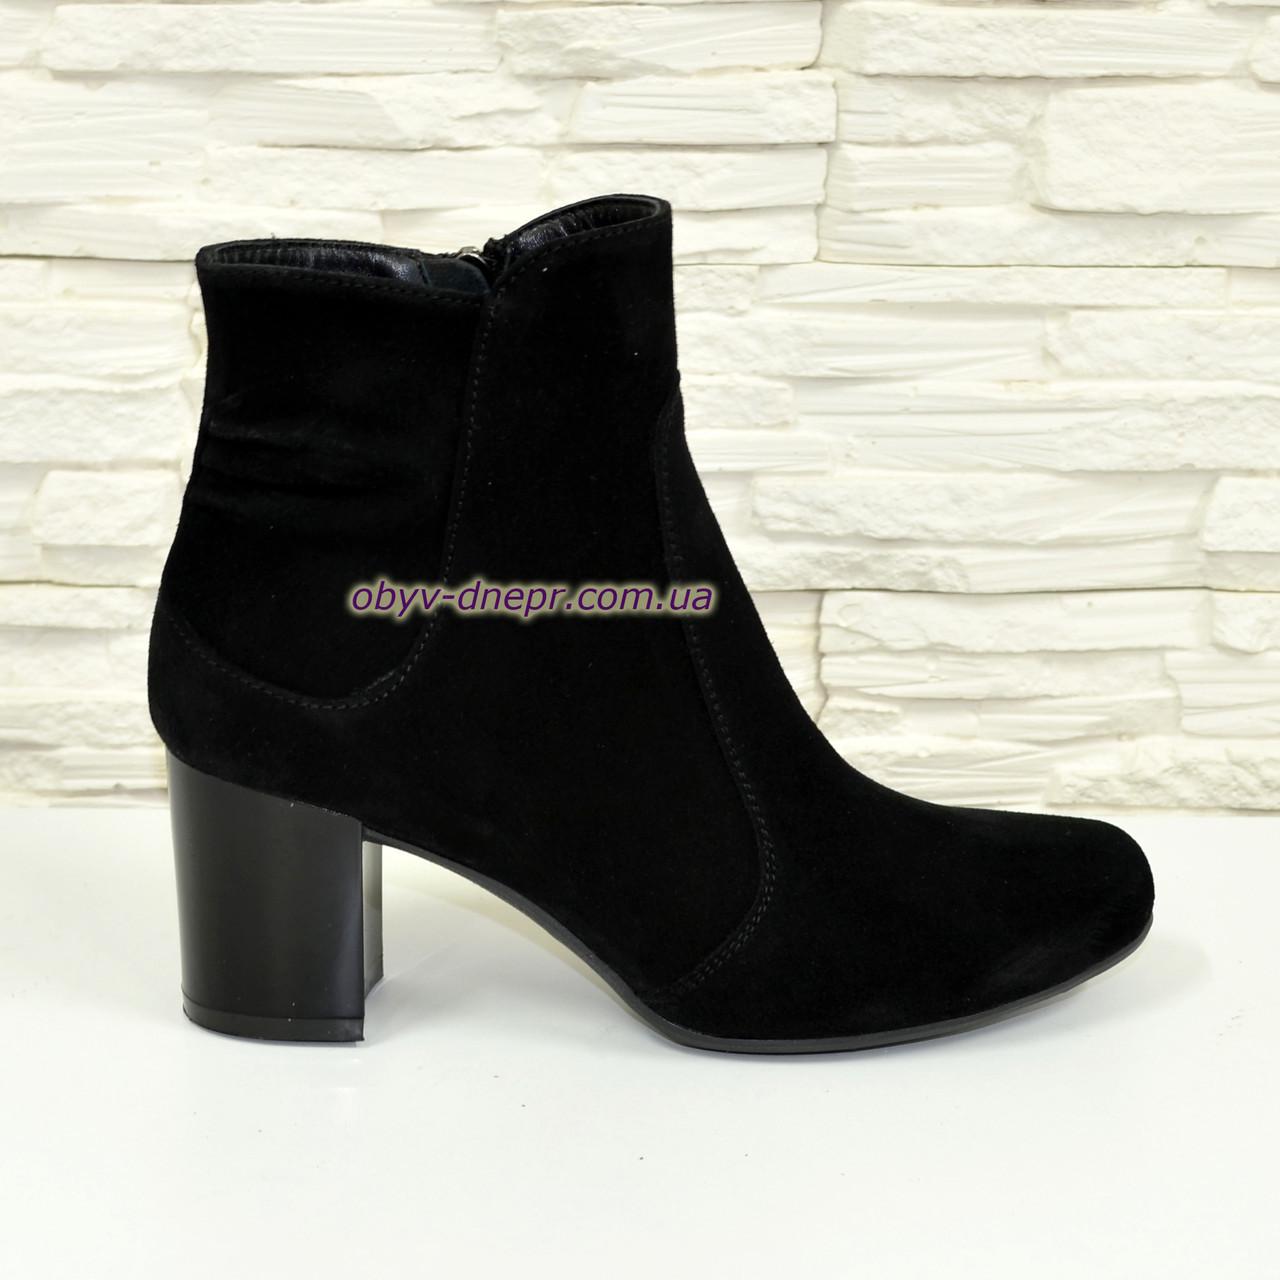 5a1c02fef Полуботинки женские замшевые демисезонные на невысоком каблуке, черный цвет.